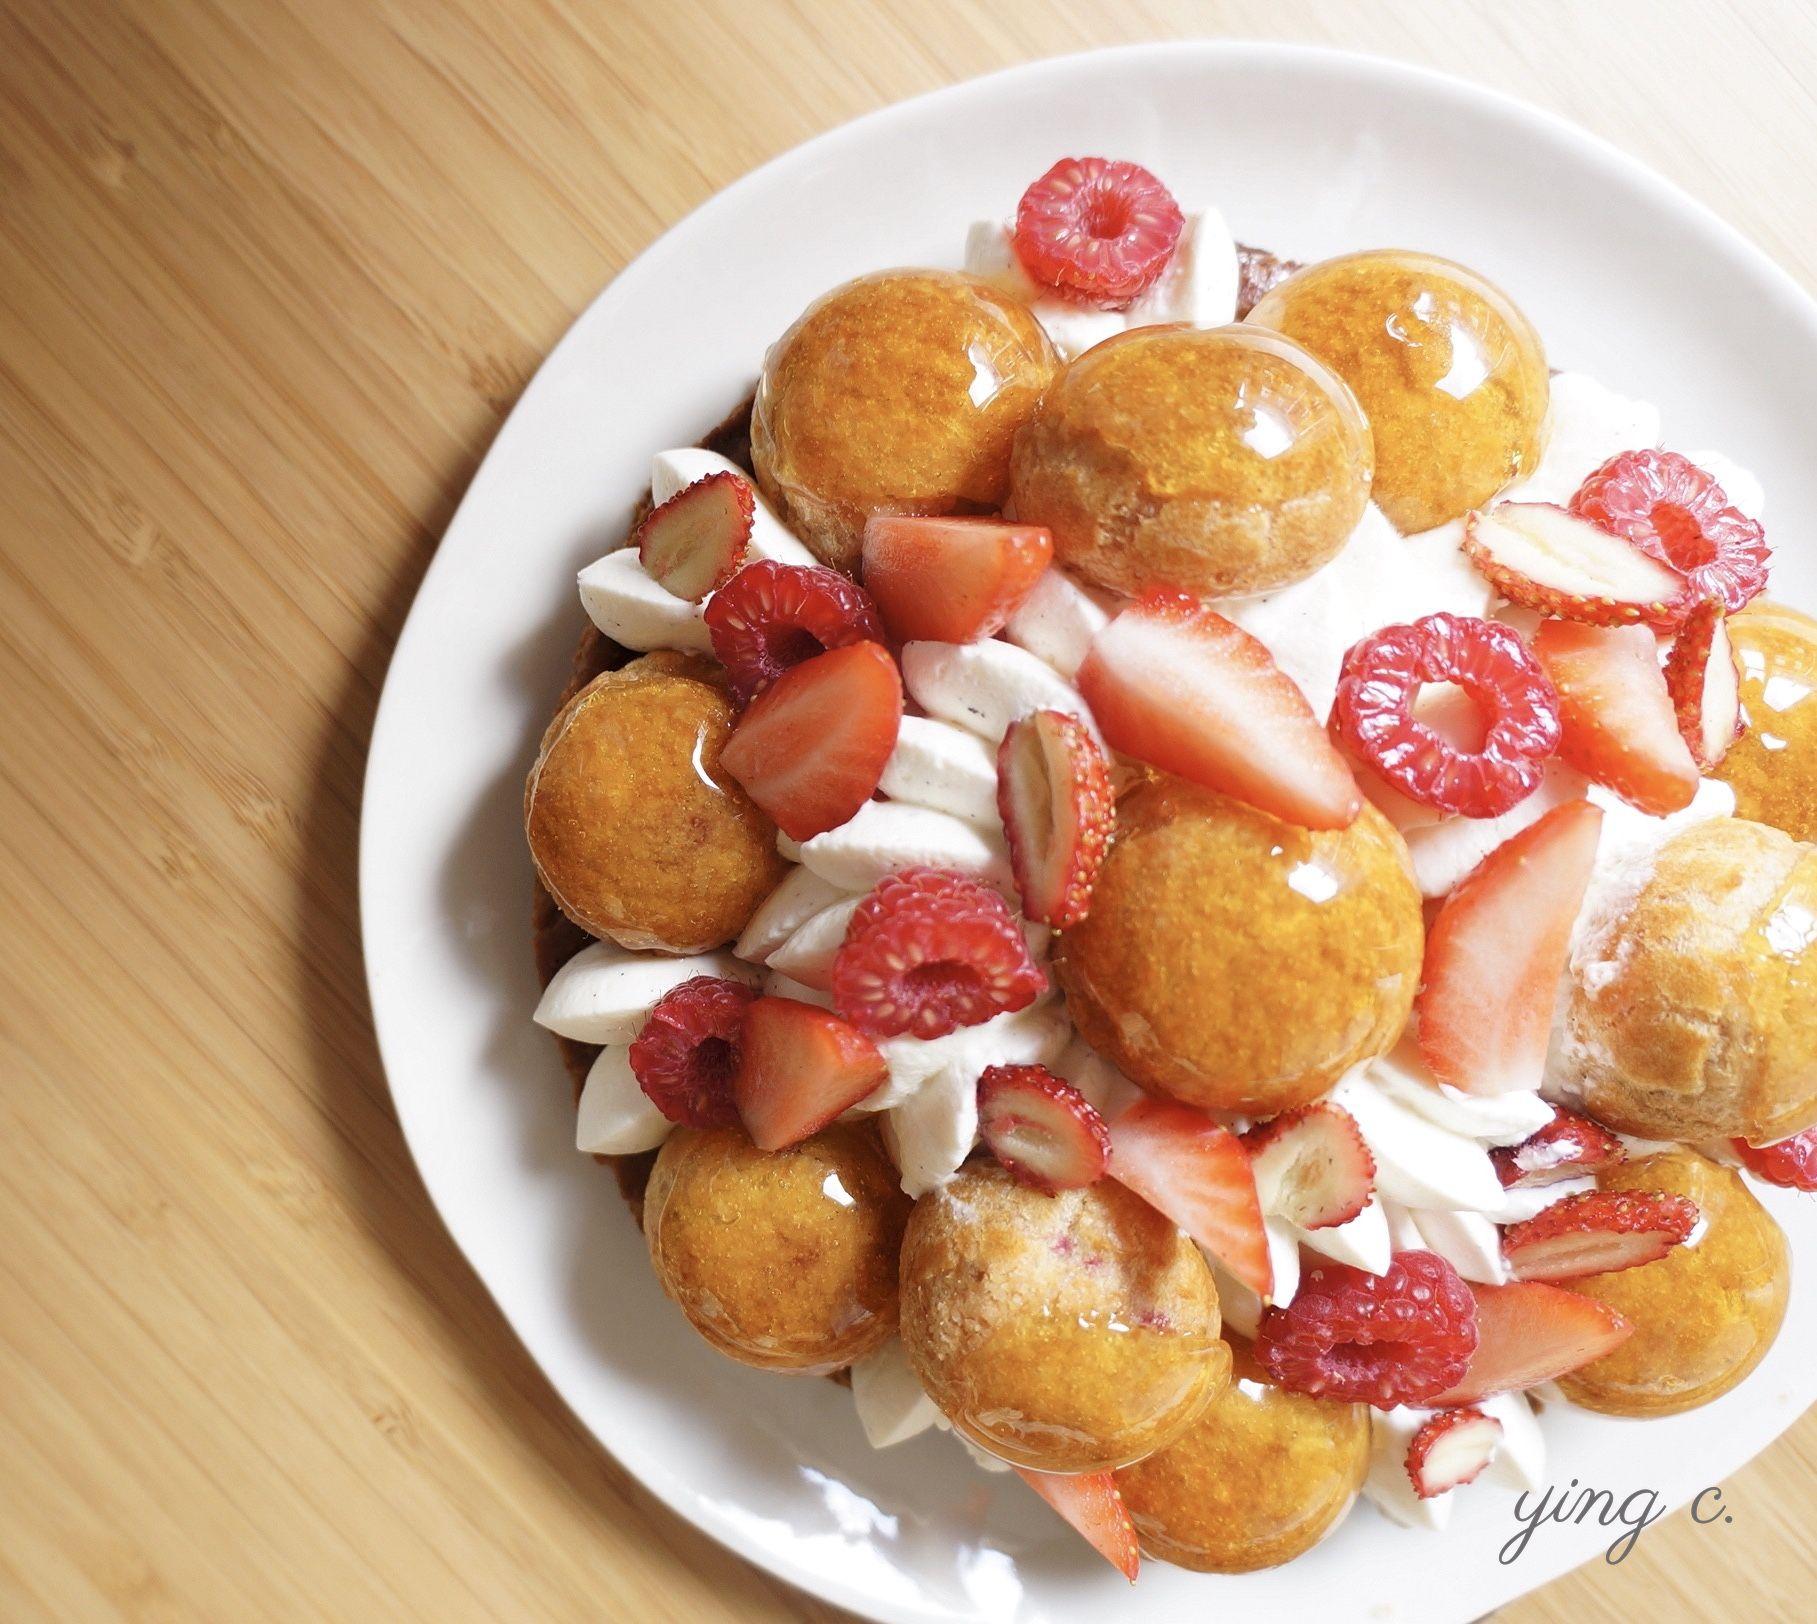 紅莓果薄荷聖多諾黑泡芙,蕎麥千層派皮、薄荷奶餡、紅莓果醬加上香草香緹鮮奶油,是完美的夏日之選。